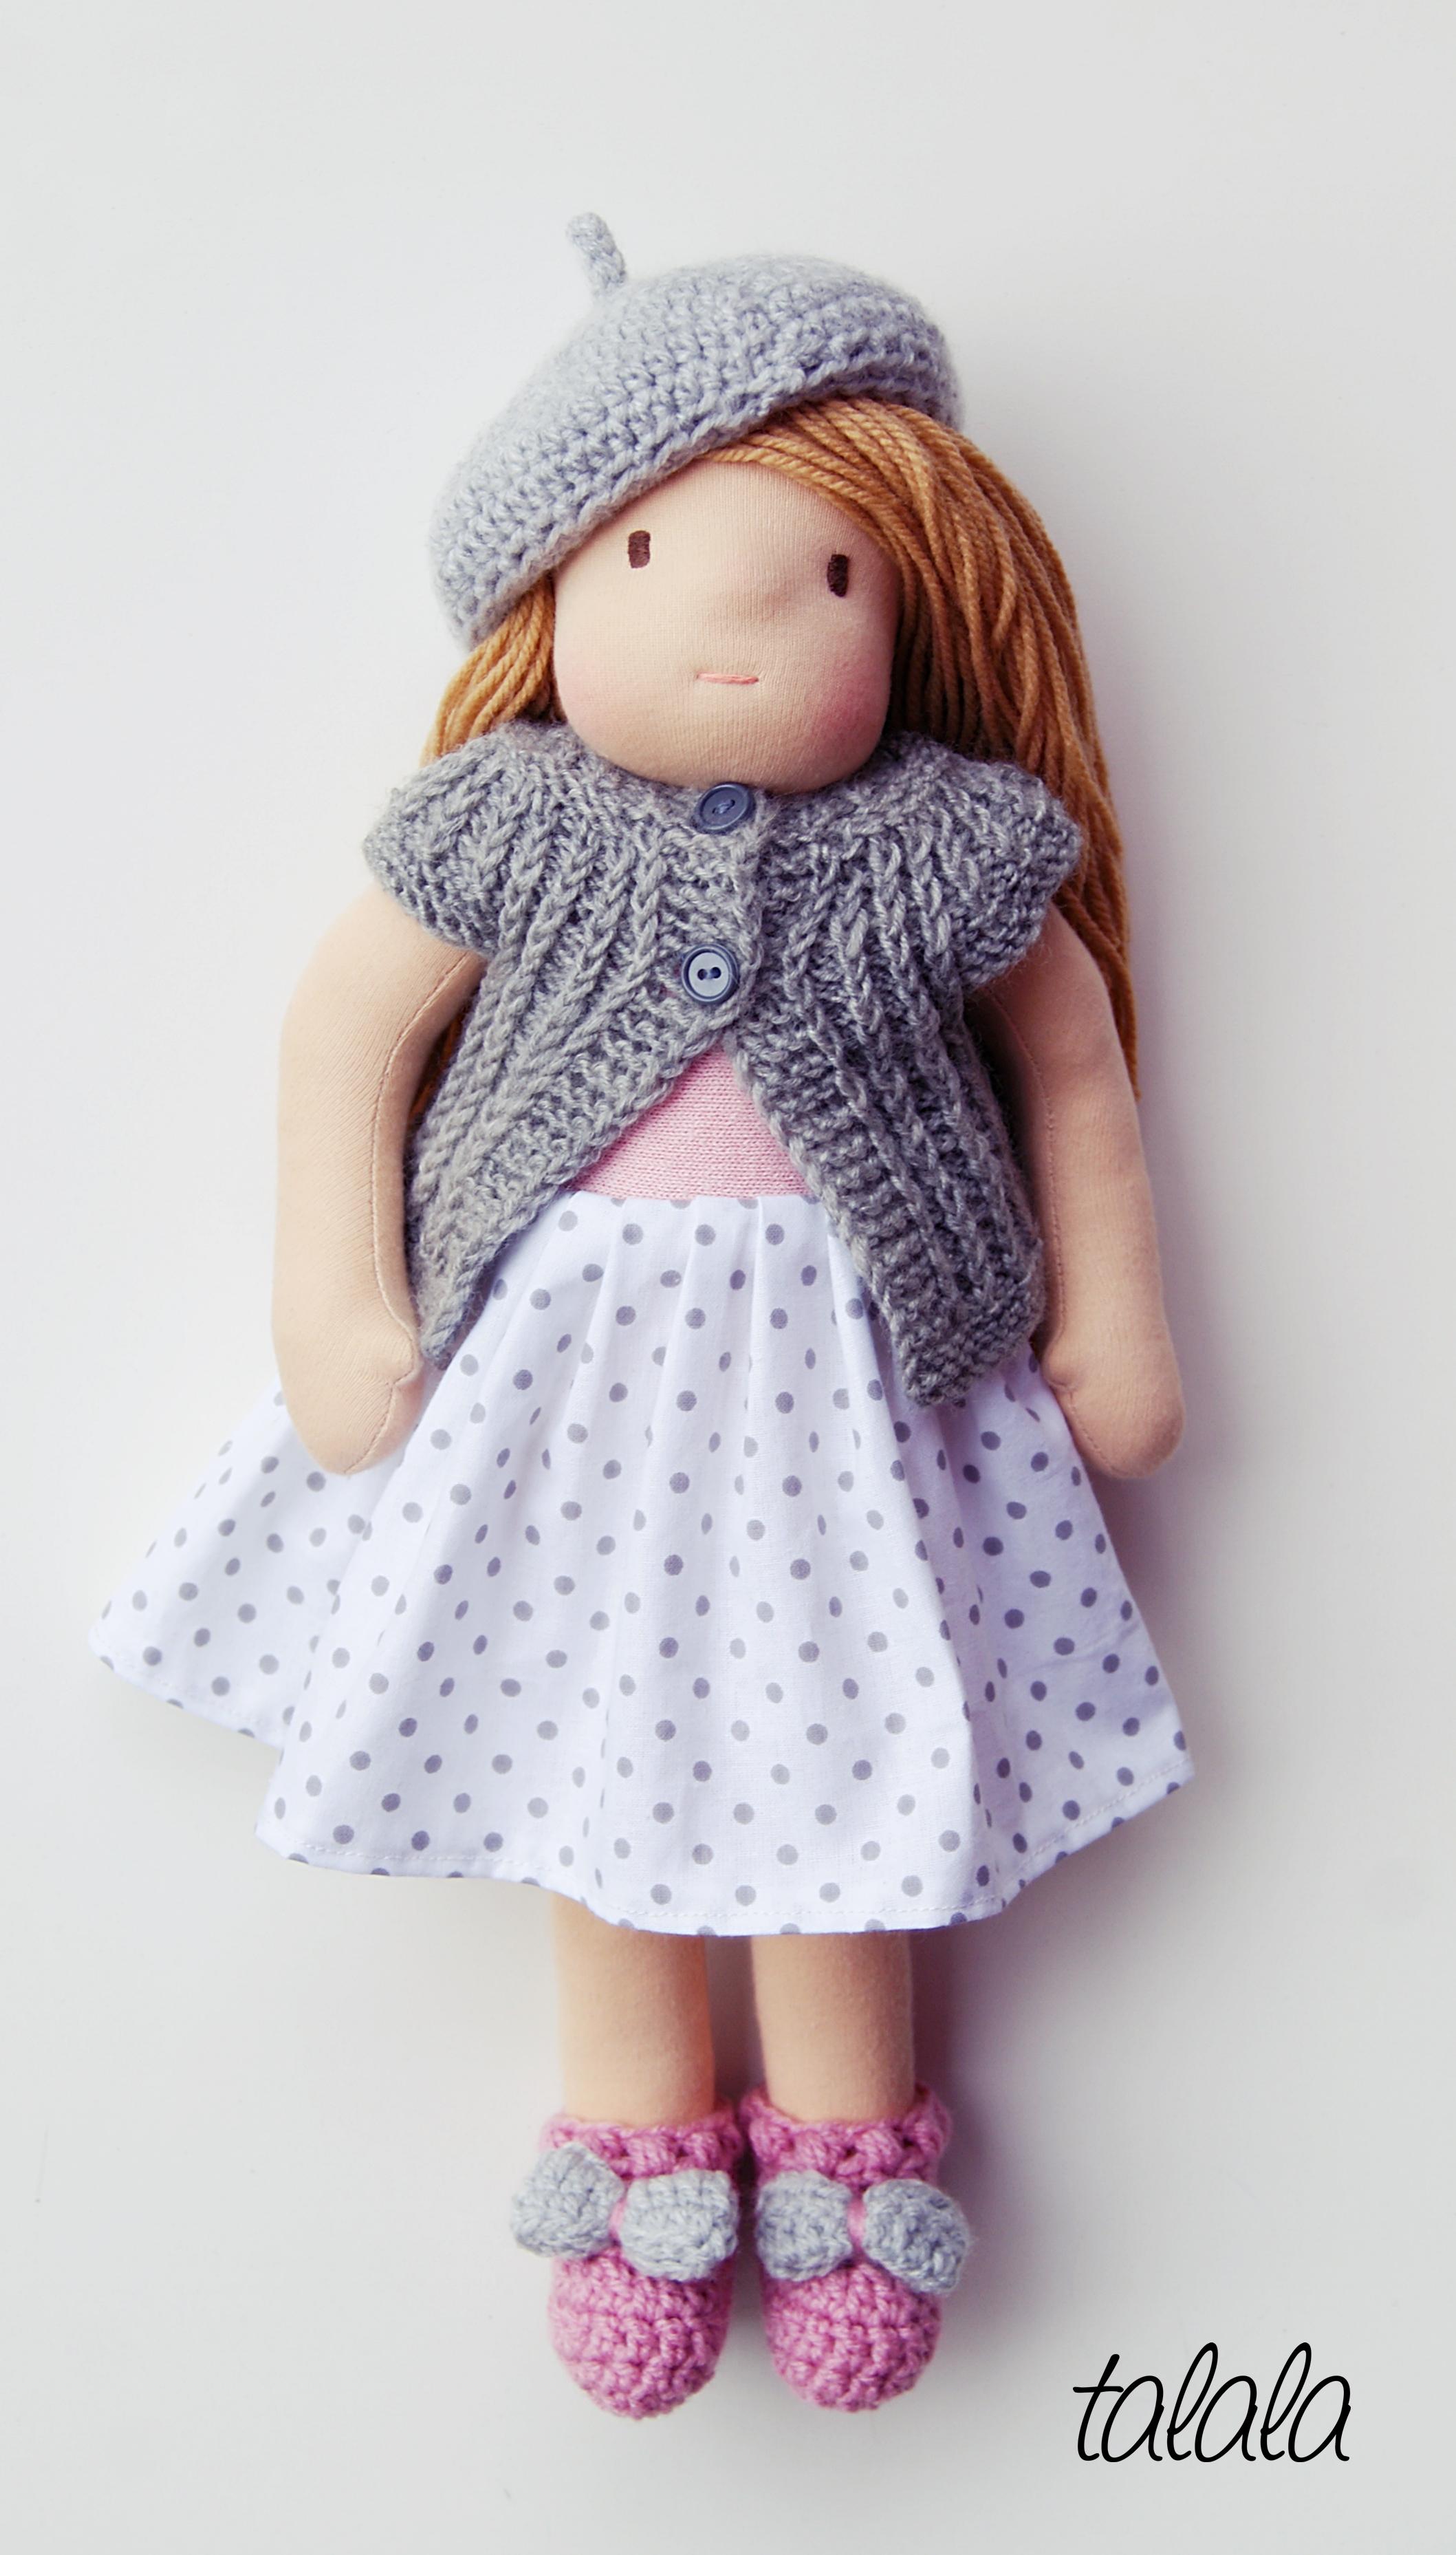 Waldorf dolls Talala